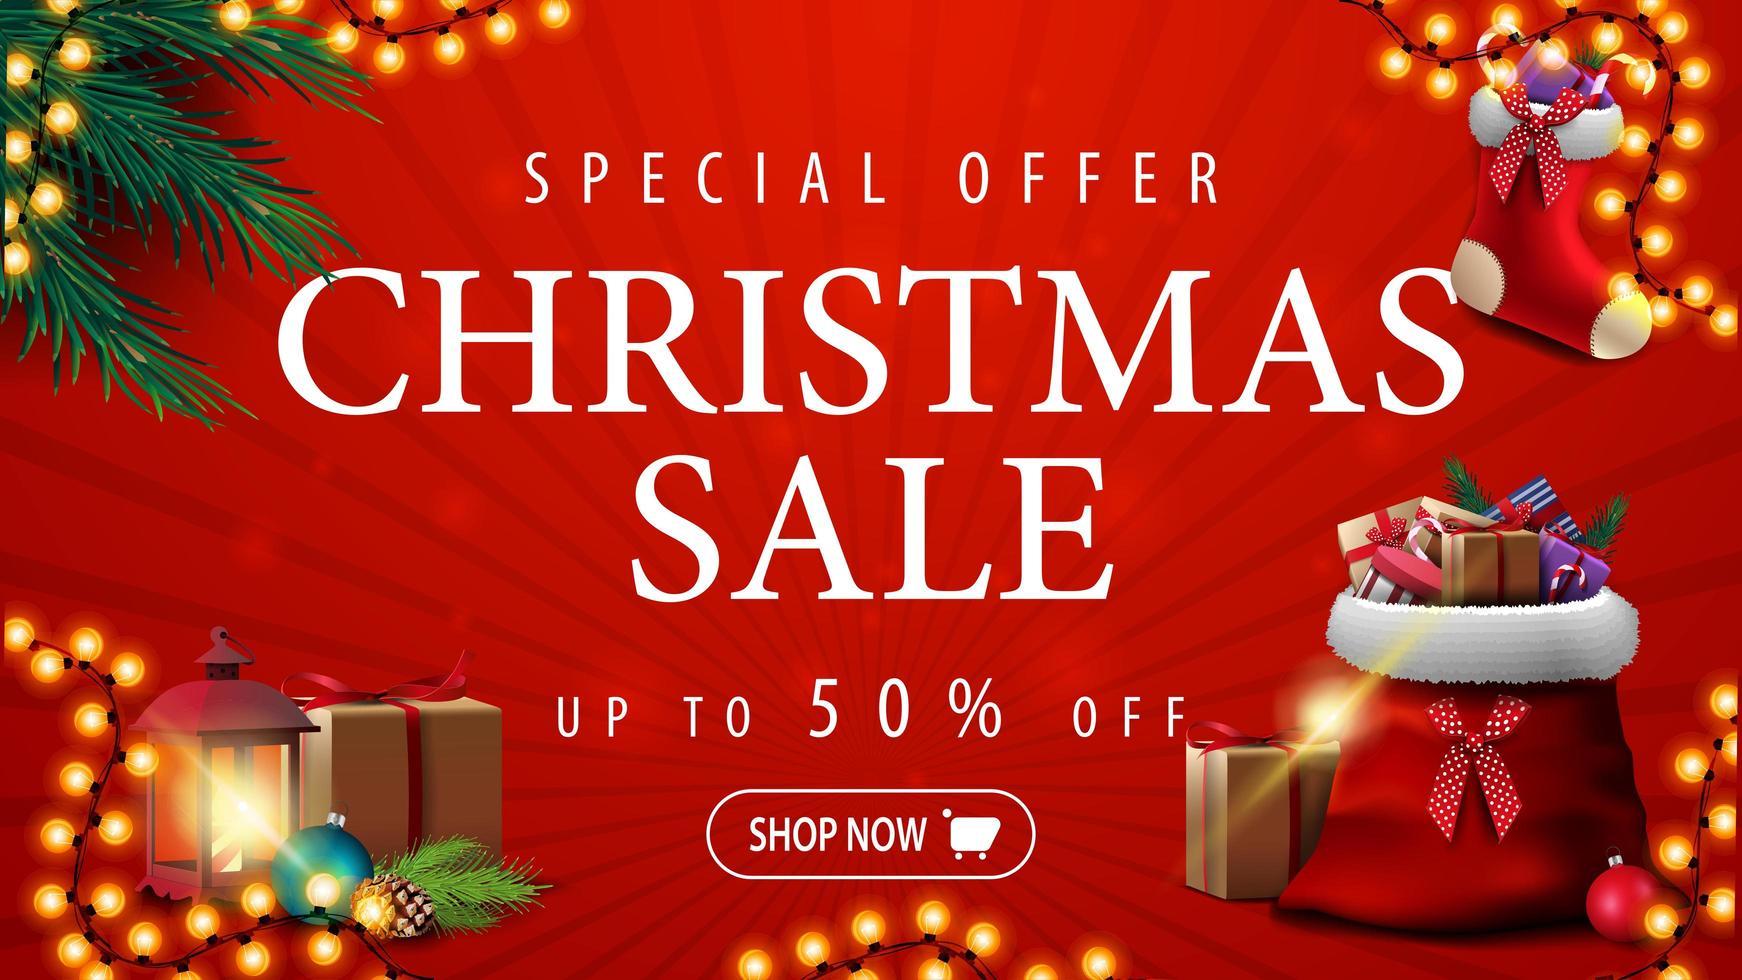 speciale aanbieding, kerstuitverkoop, tot 50 korting, rode kortingsbanner met slinger, kerstboomtakken, kerstsok en rode kerstmanzak met cadeautjes vector